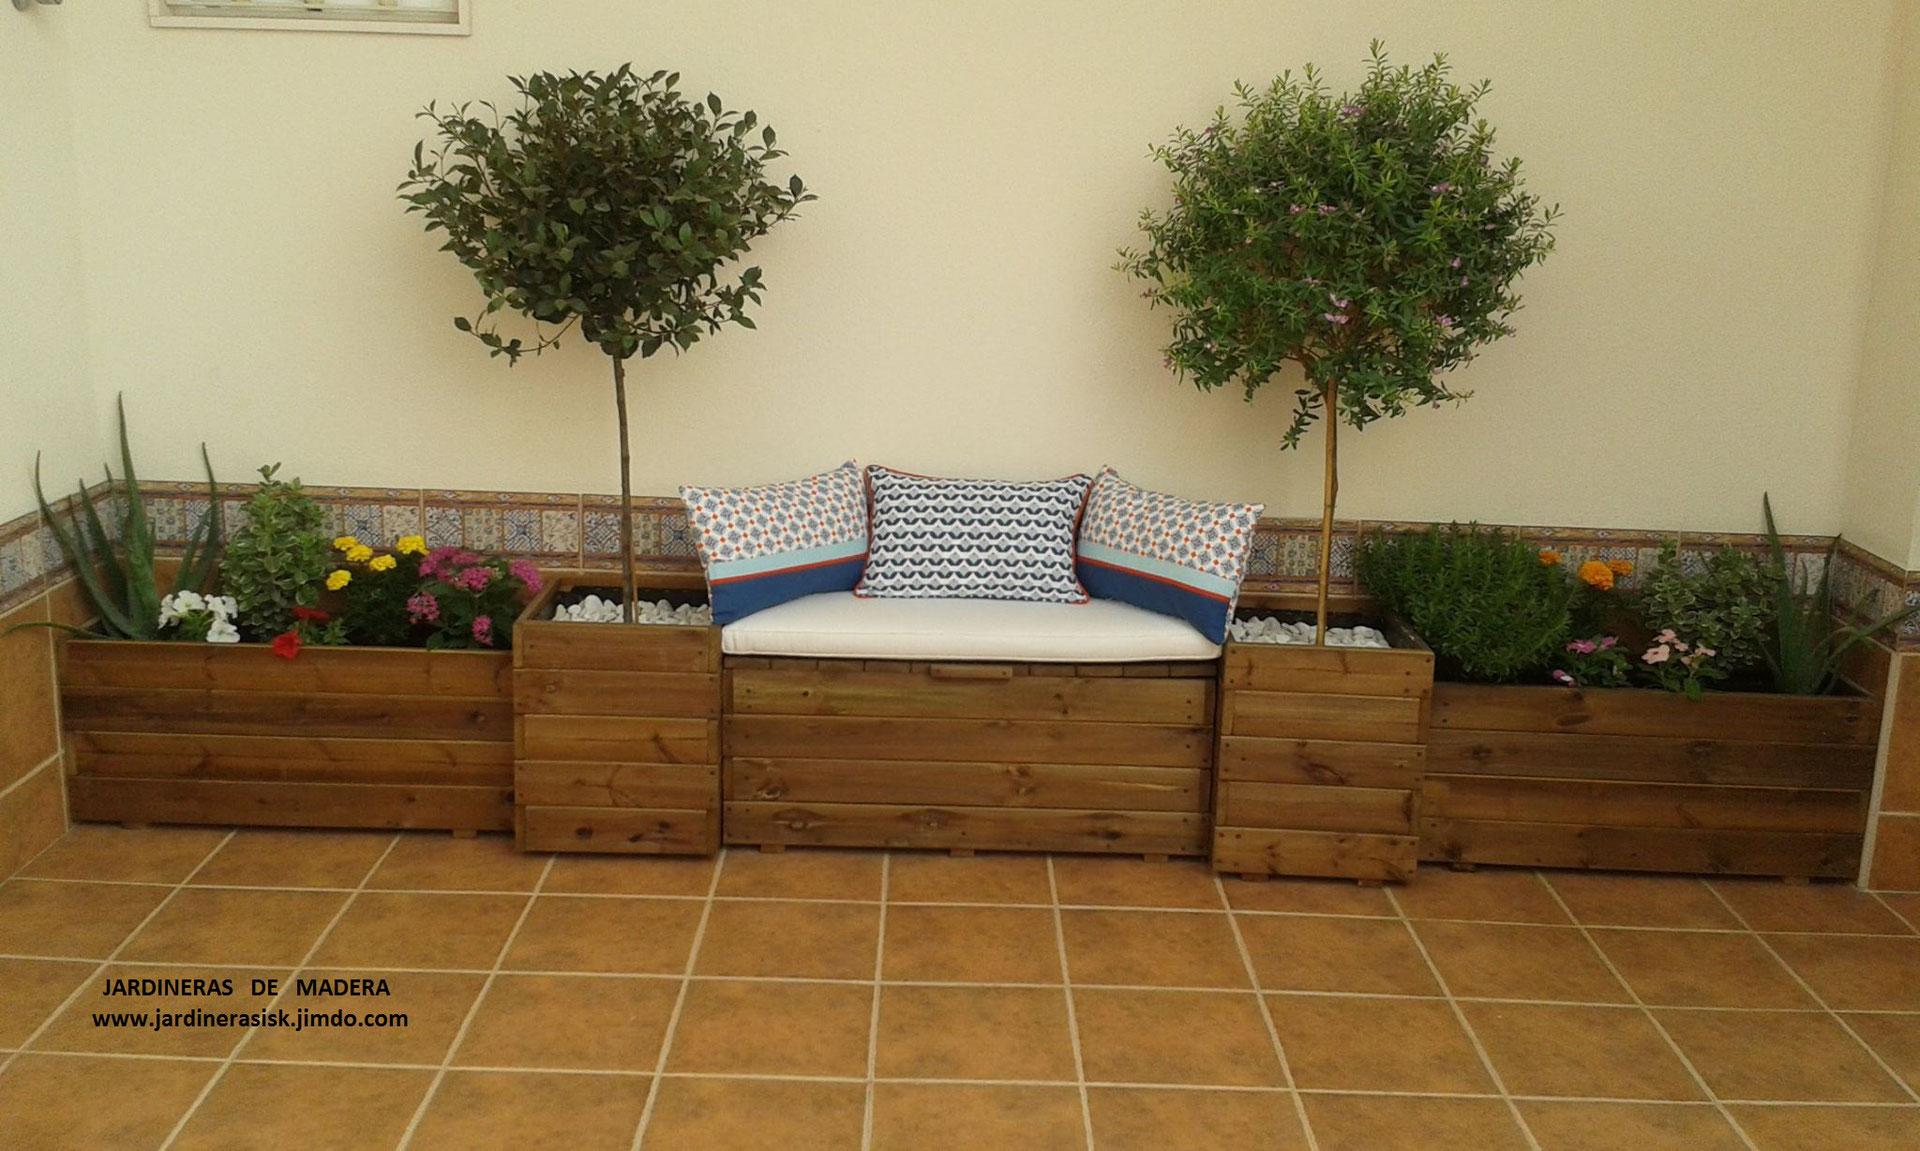 Jardineras de madera celosias baules huertos urbanos - Baules para exterior ...